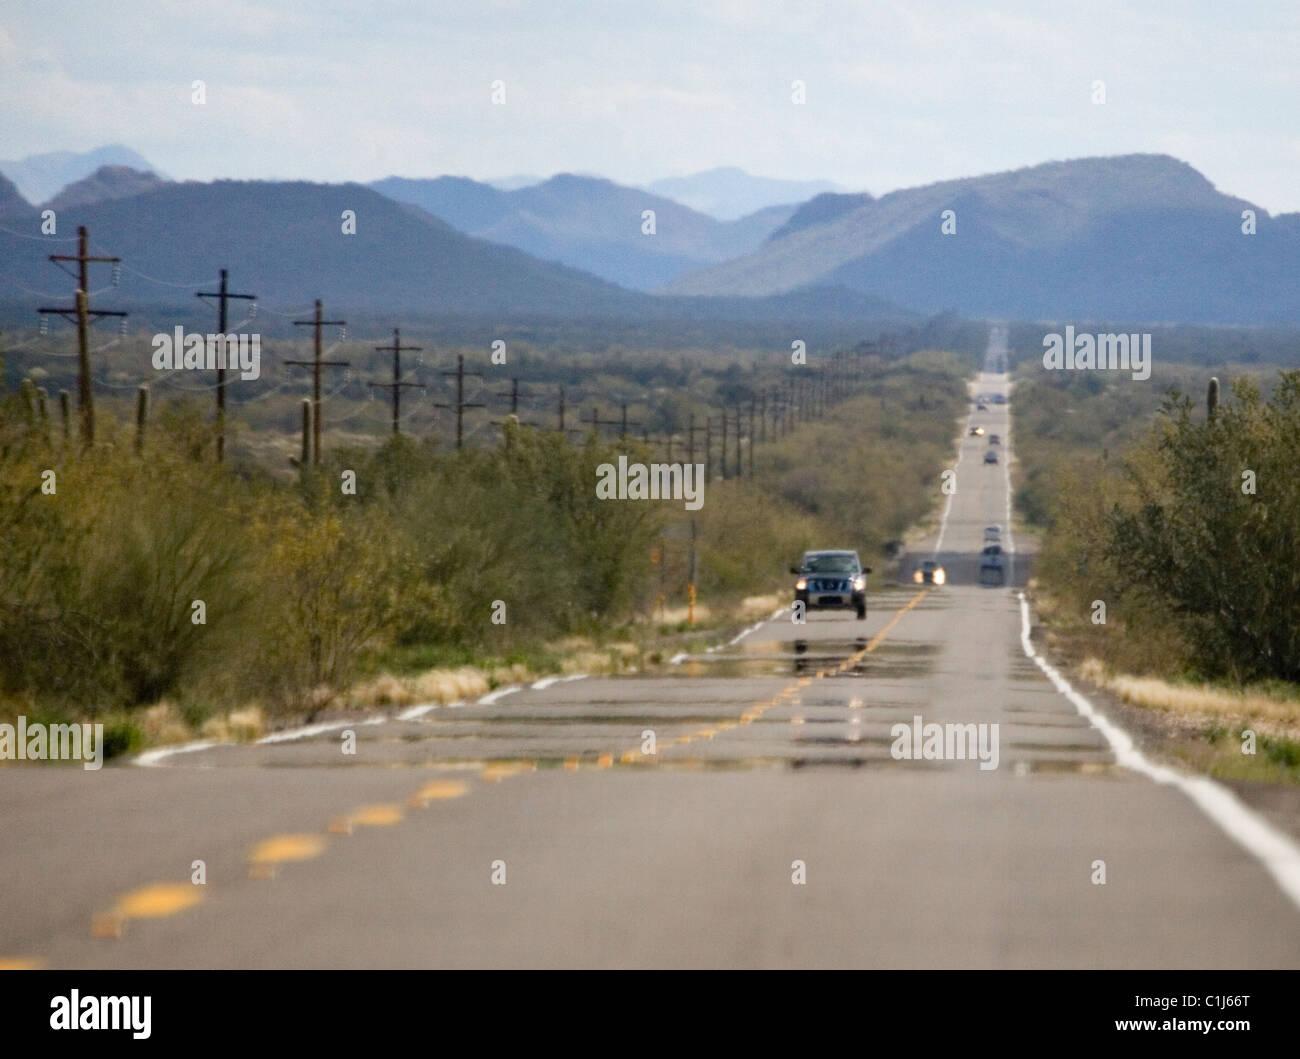 Mirage de chaleur sur l'autoroute dans le désert de l'Arizona Photo Stock